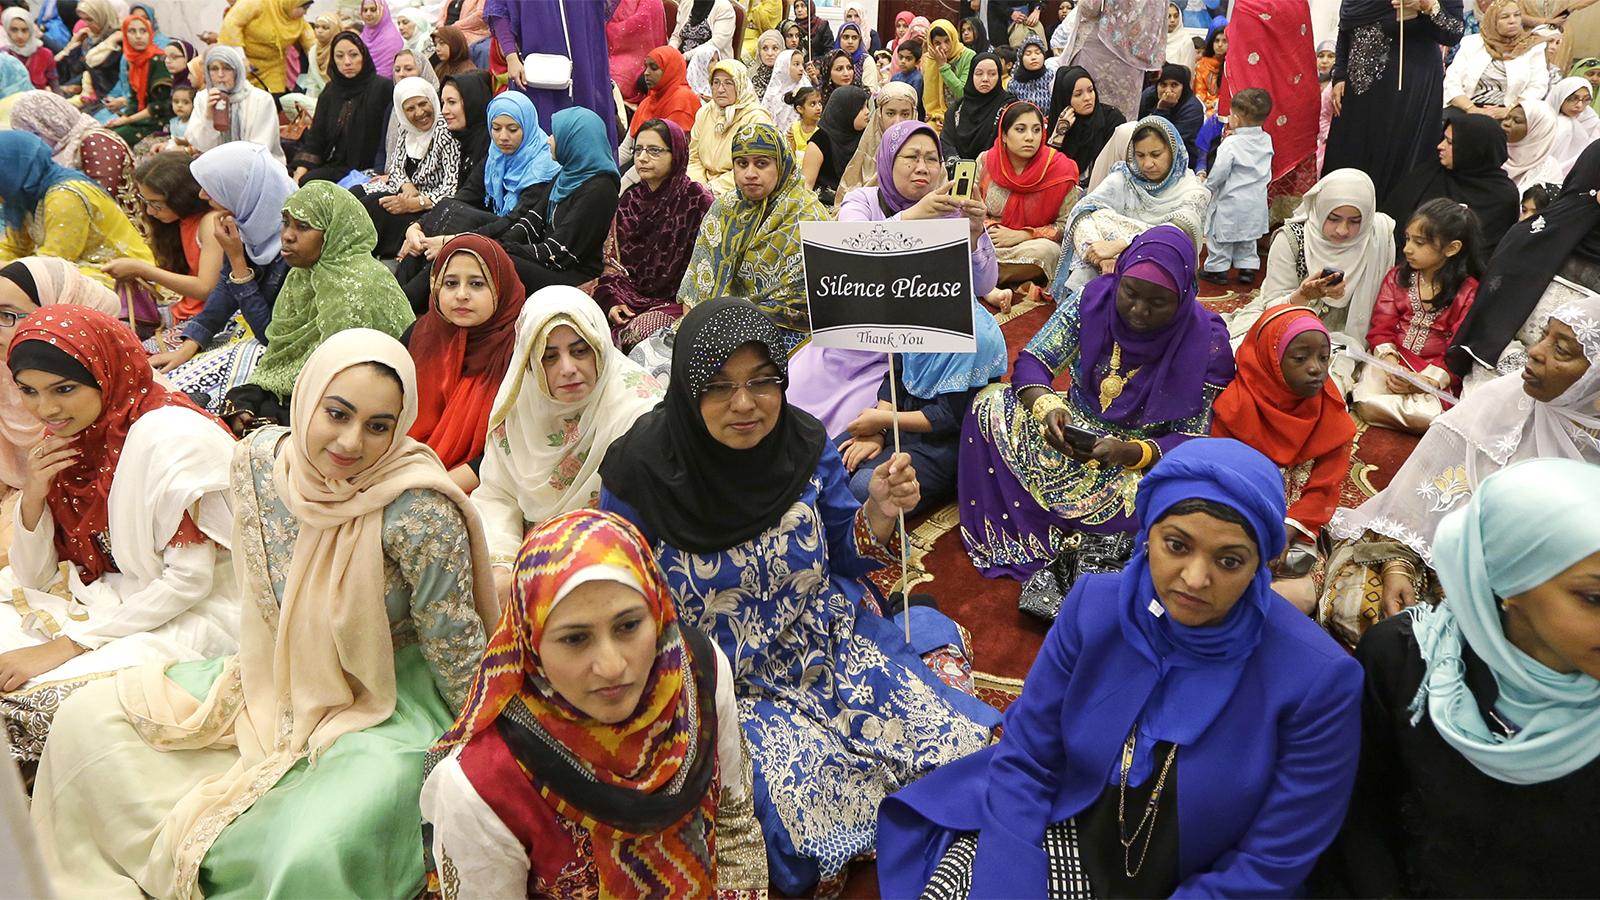 Muslim women at Ramadan